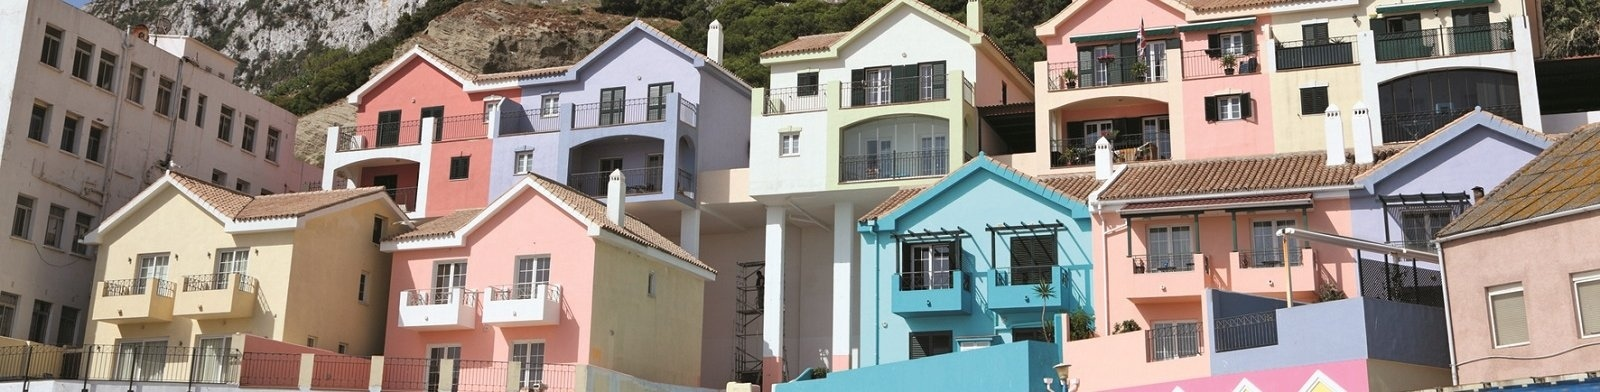 Gibraltar houses